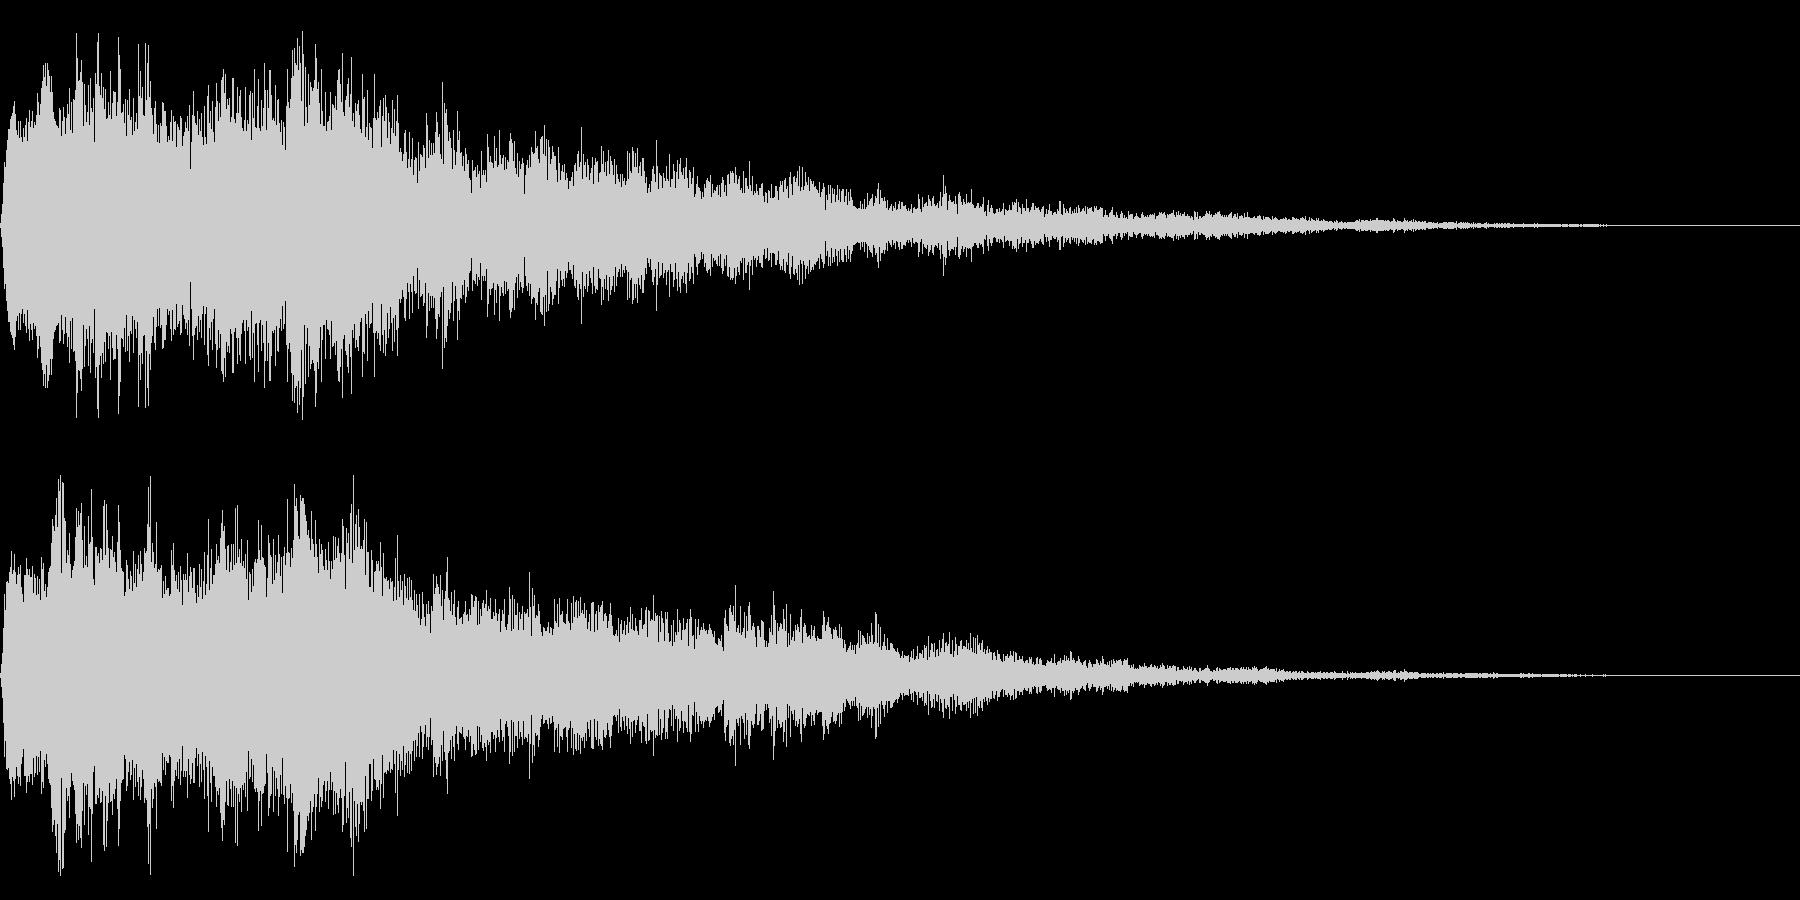 セレクト音 決定音 選択 起動 開始の未再生の波形